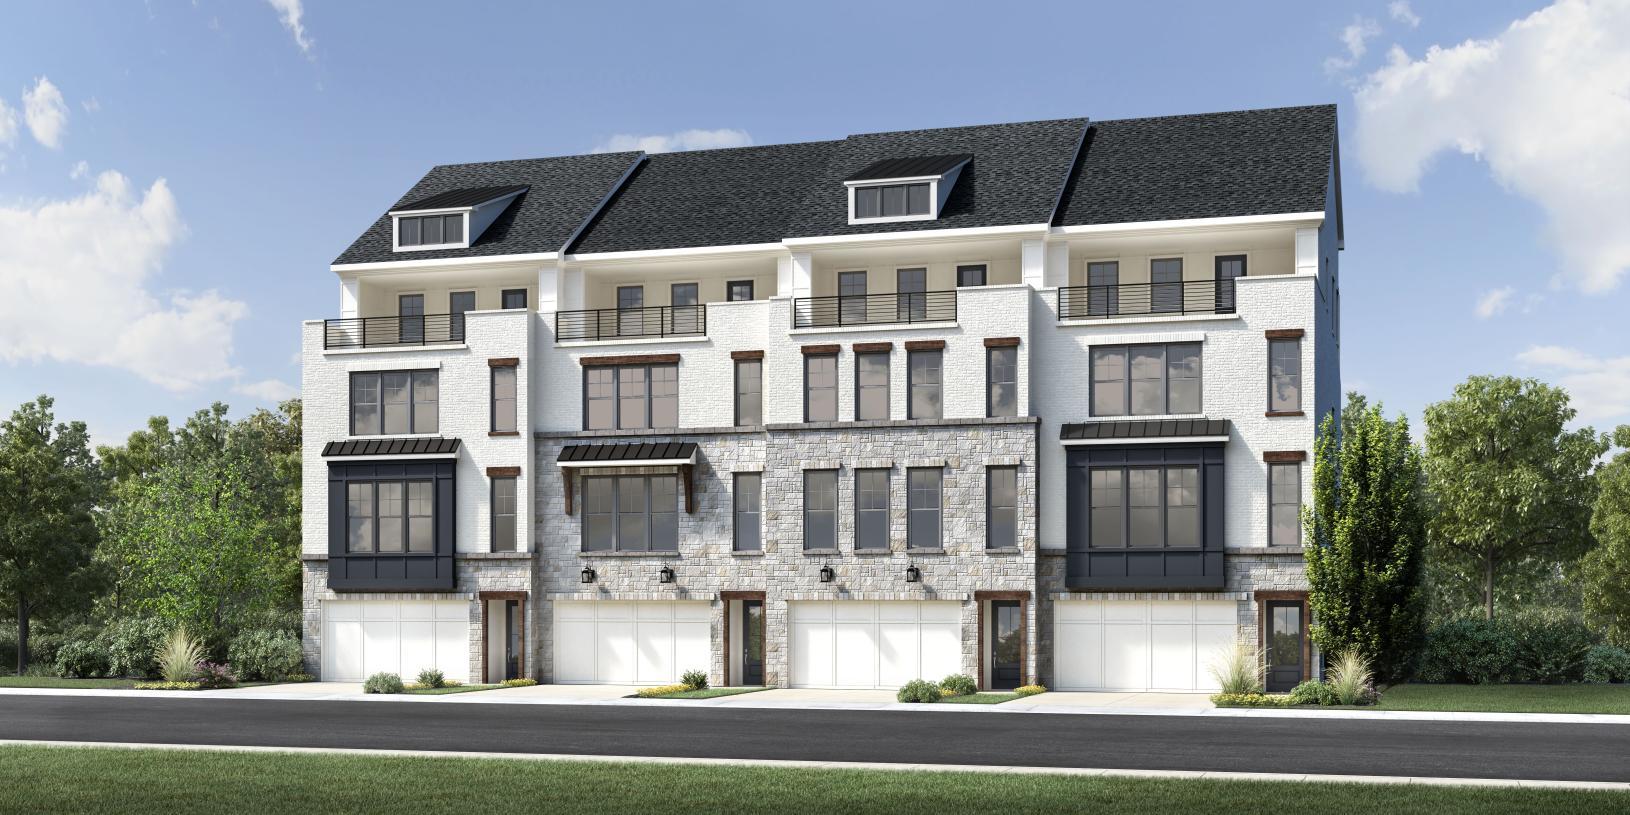 Vickery Home Design